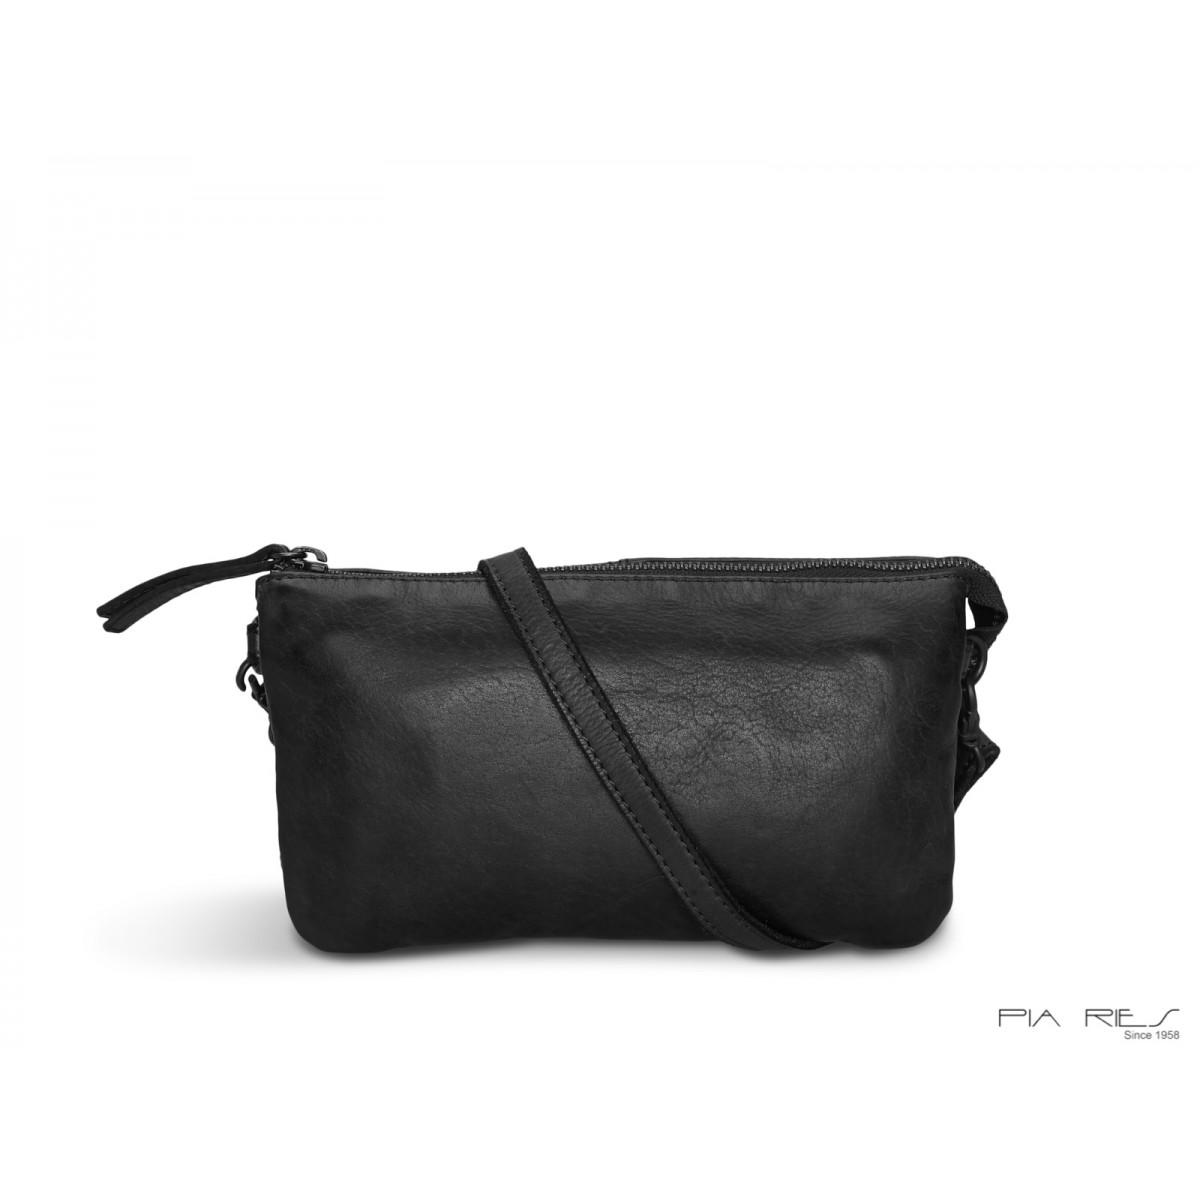 Clutch taske med håndledsrem-31